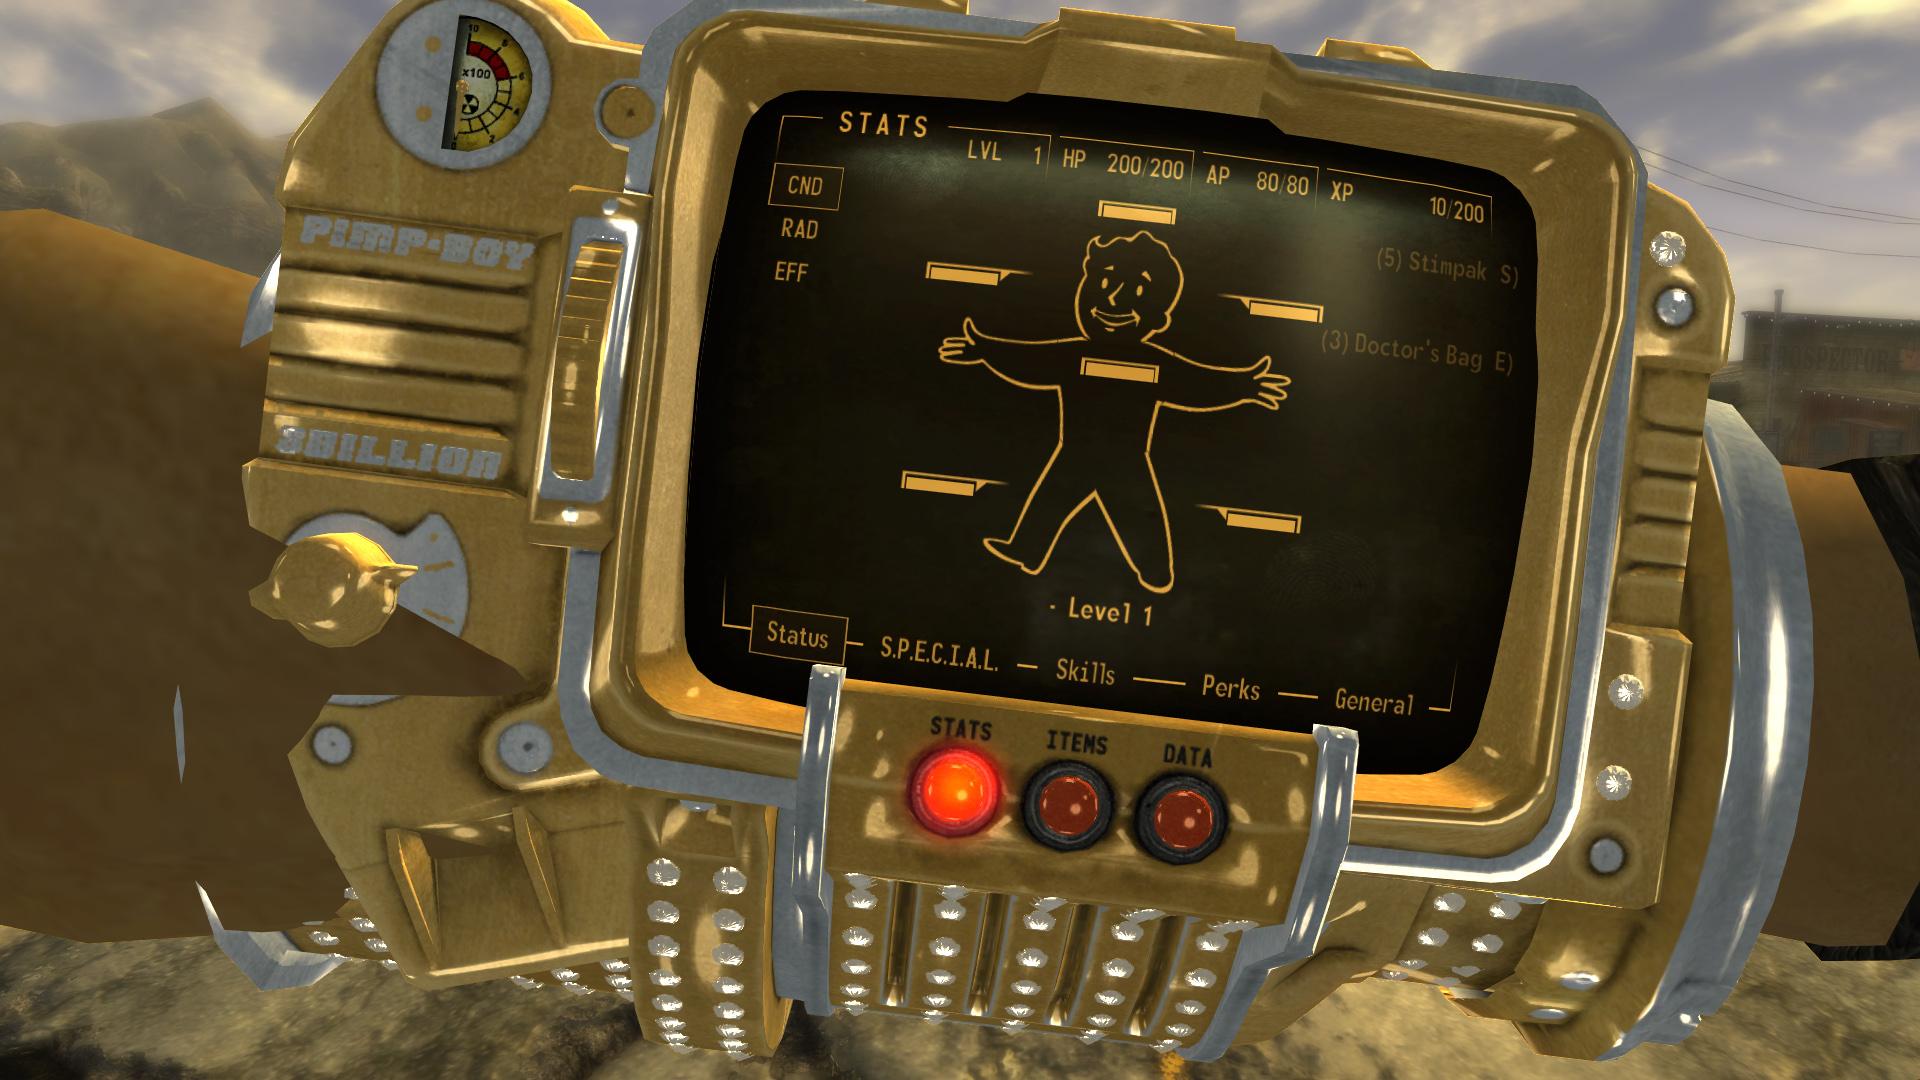 Pimp-Boy 3 Billion | Fallout Wiki | FANDOM powered by Wikia